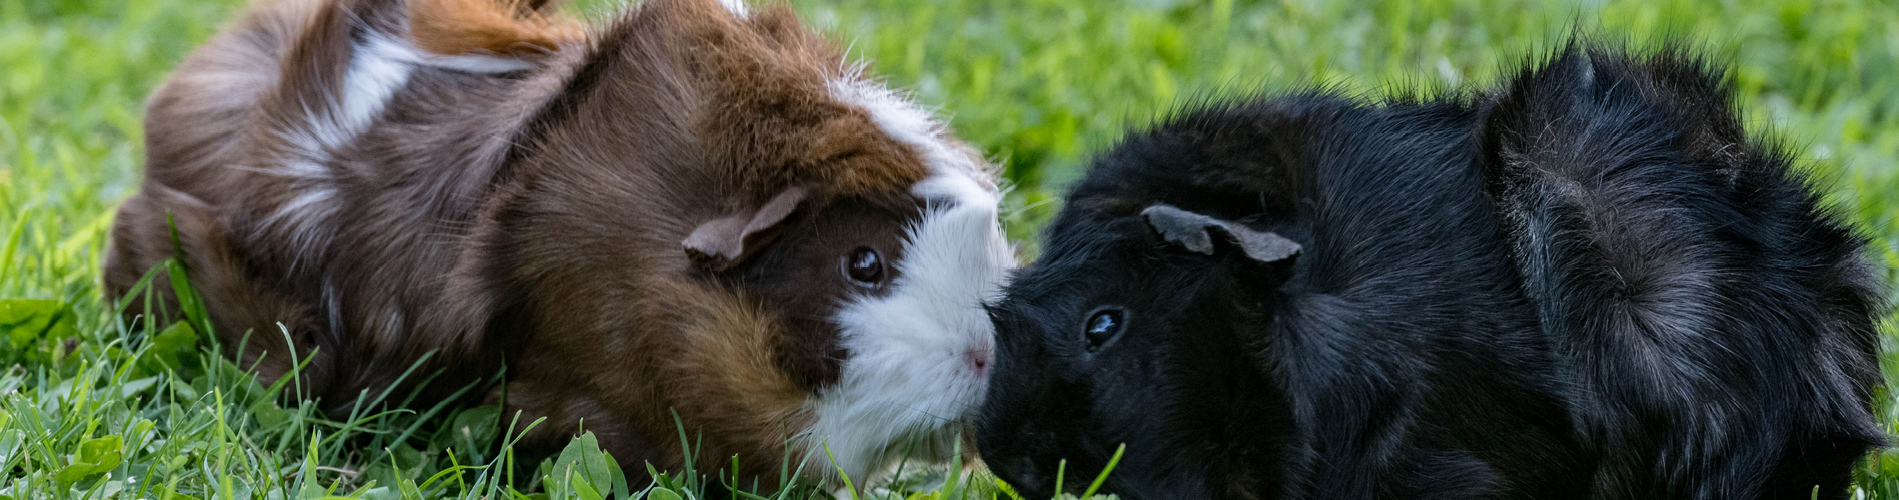 Guinea pig care guide